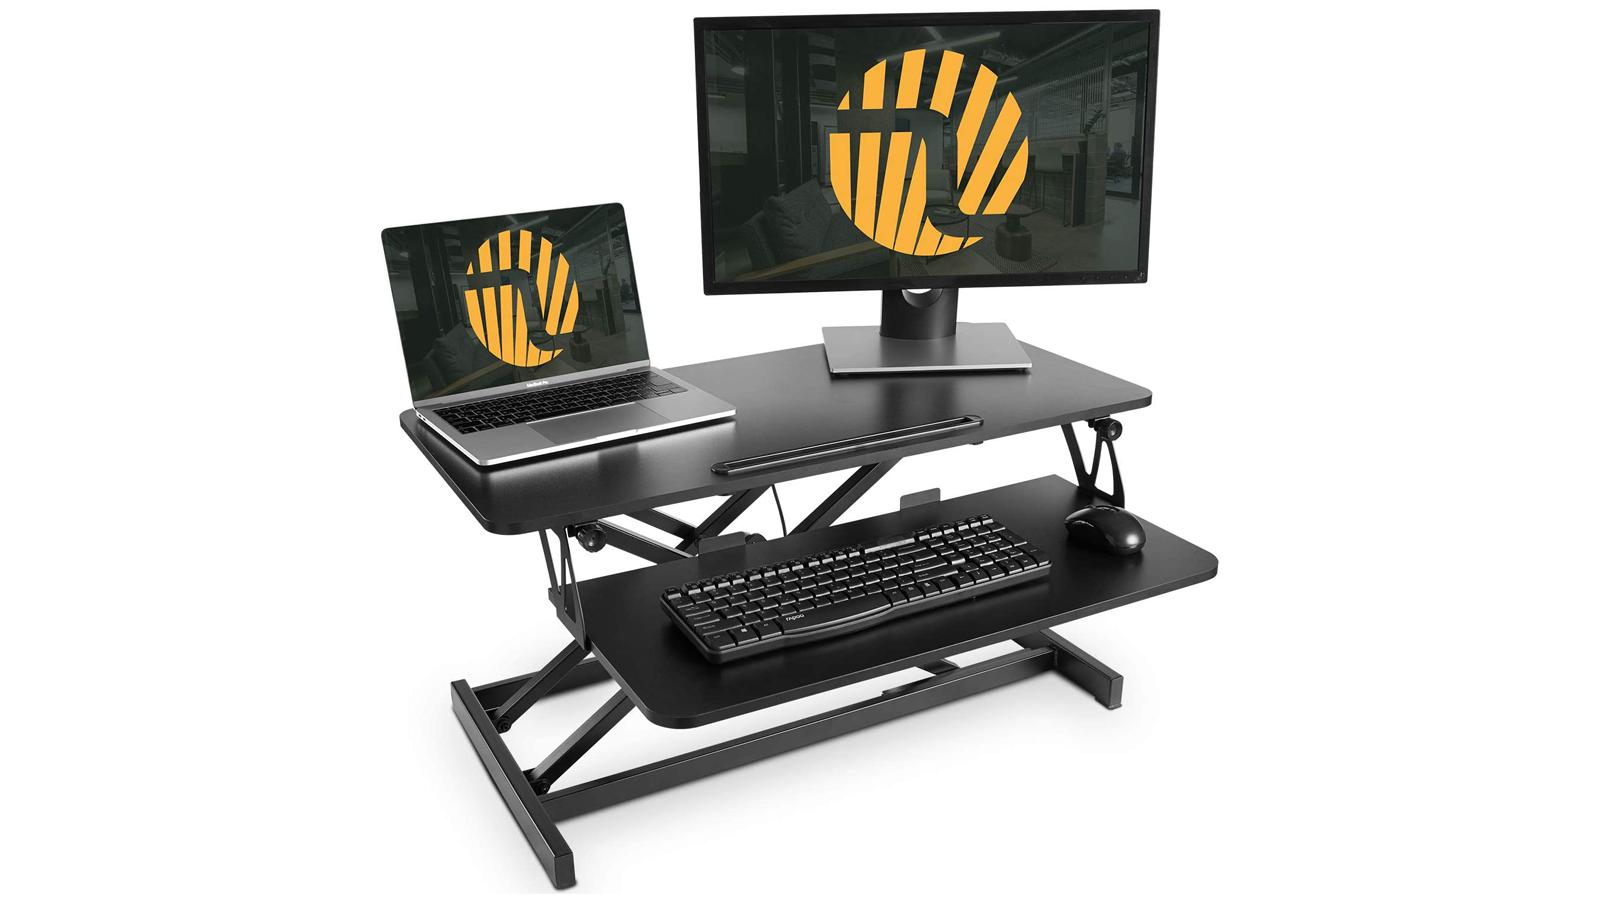 Fezibo adjustable desktop riser workstation standing desk